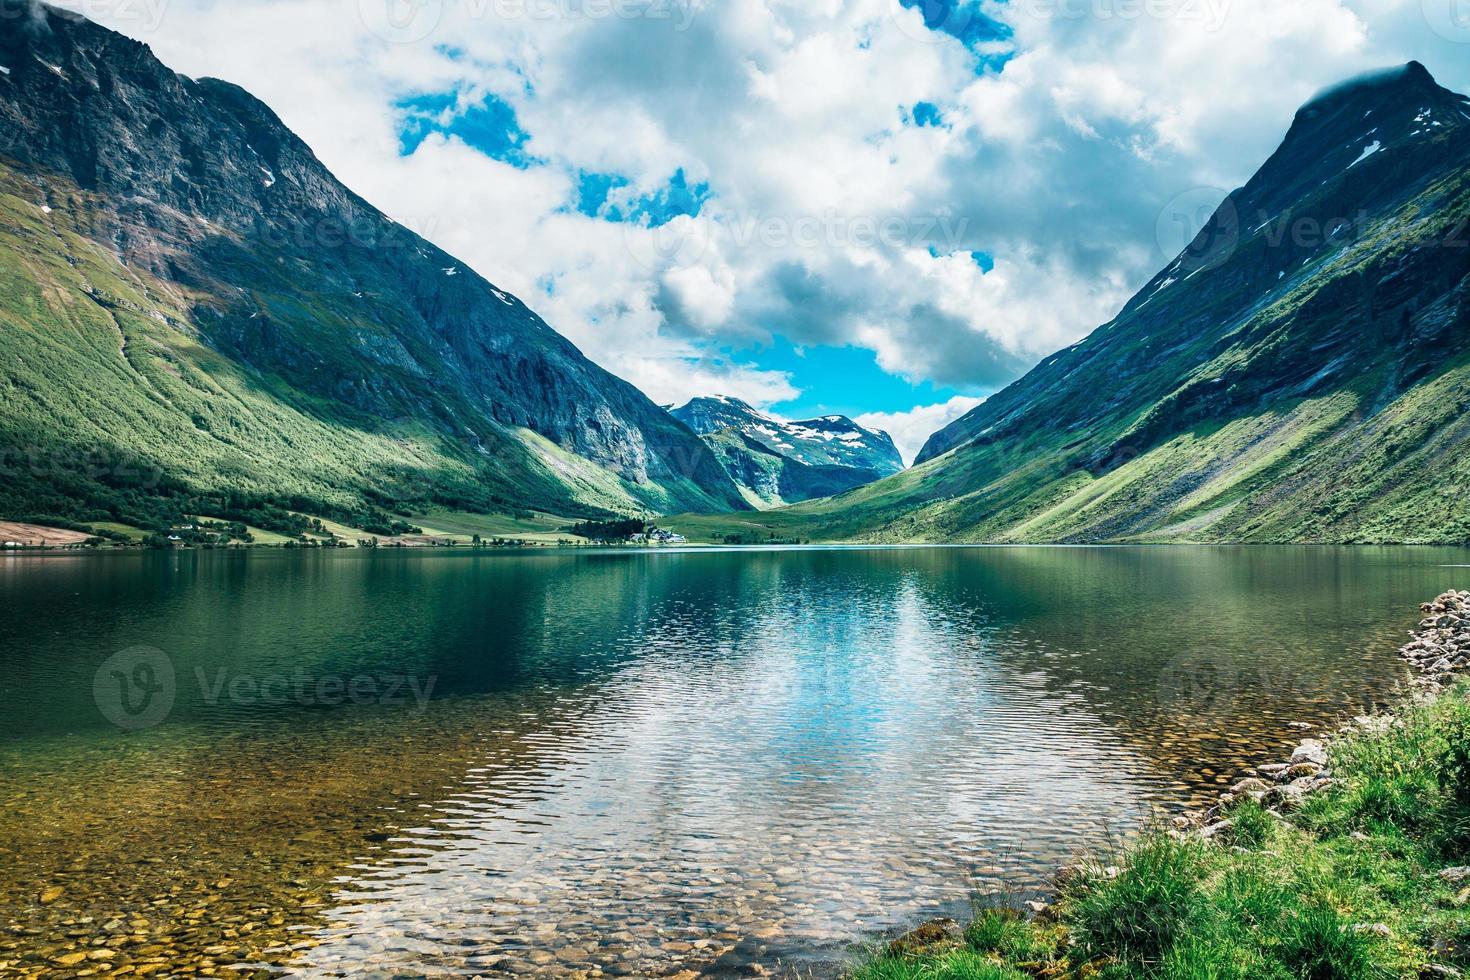 Belle vue sur un lac dans la vallée dans les montagnes norvégiennes photo